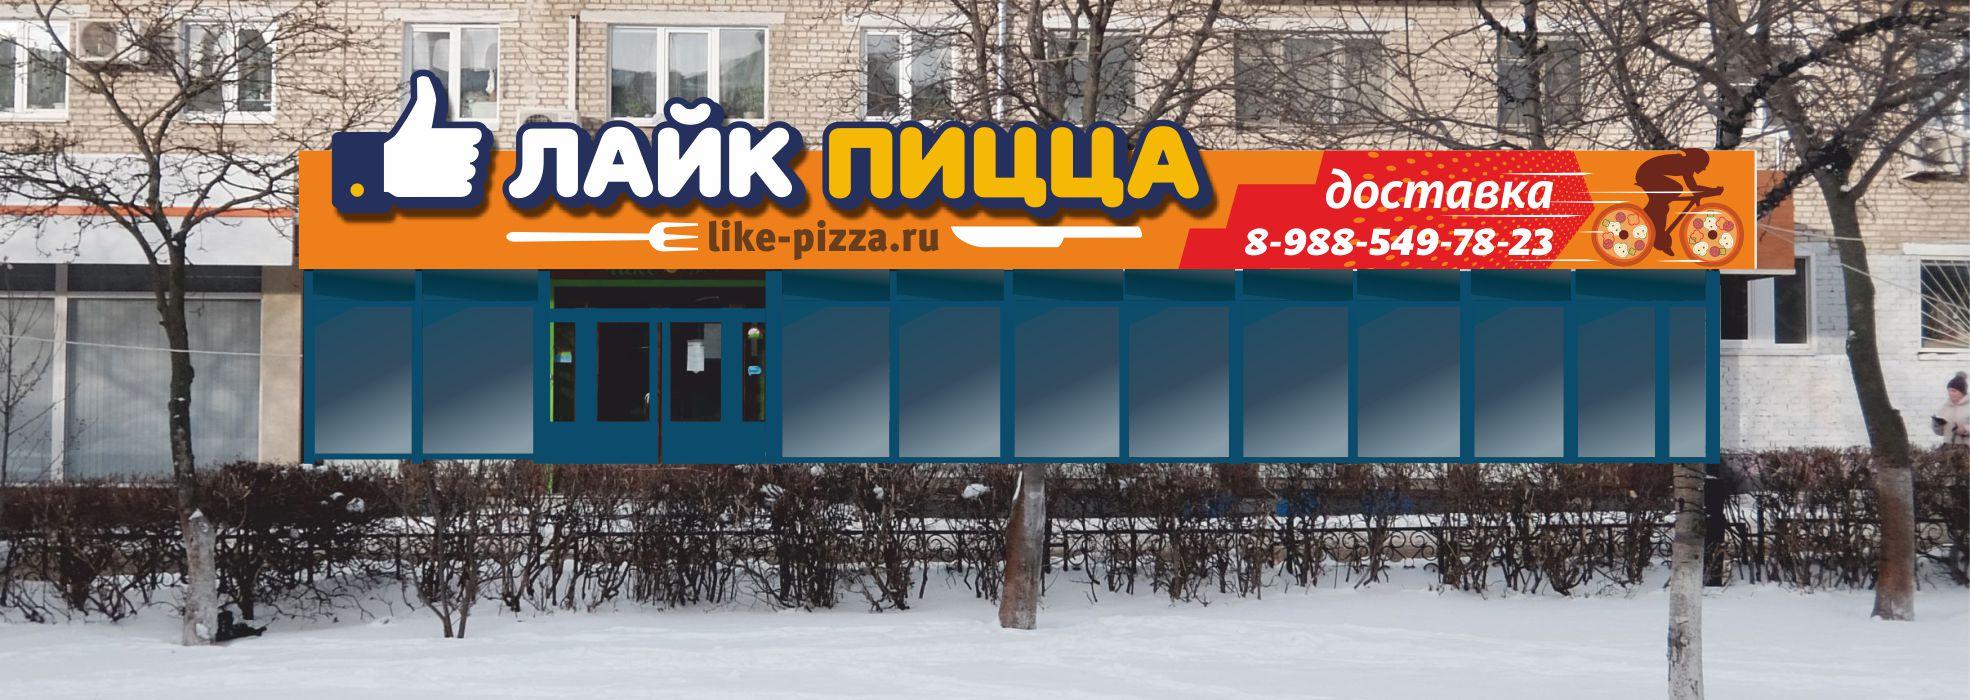 Дизайн уличного козырька с вывеской для пиццерии фото f_3385873cd477eb60.jpg